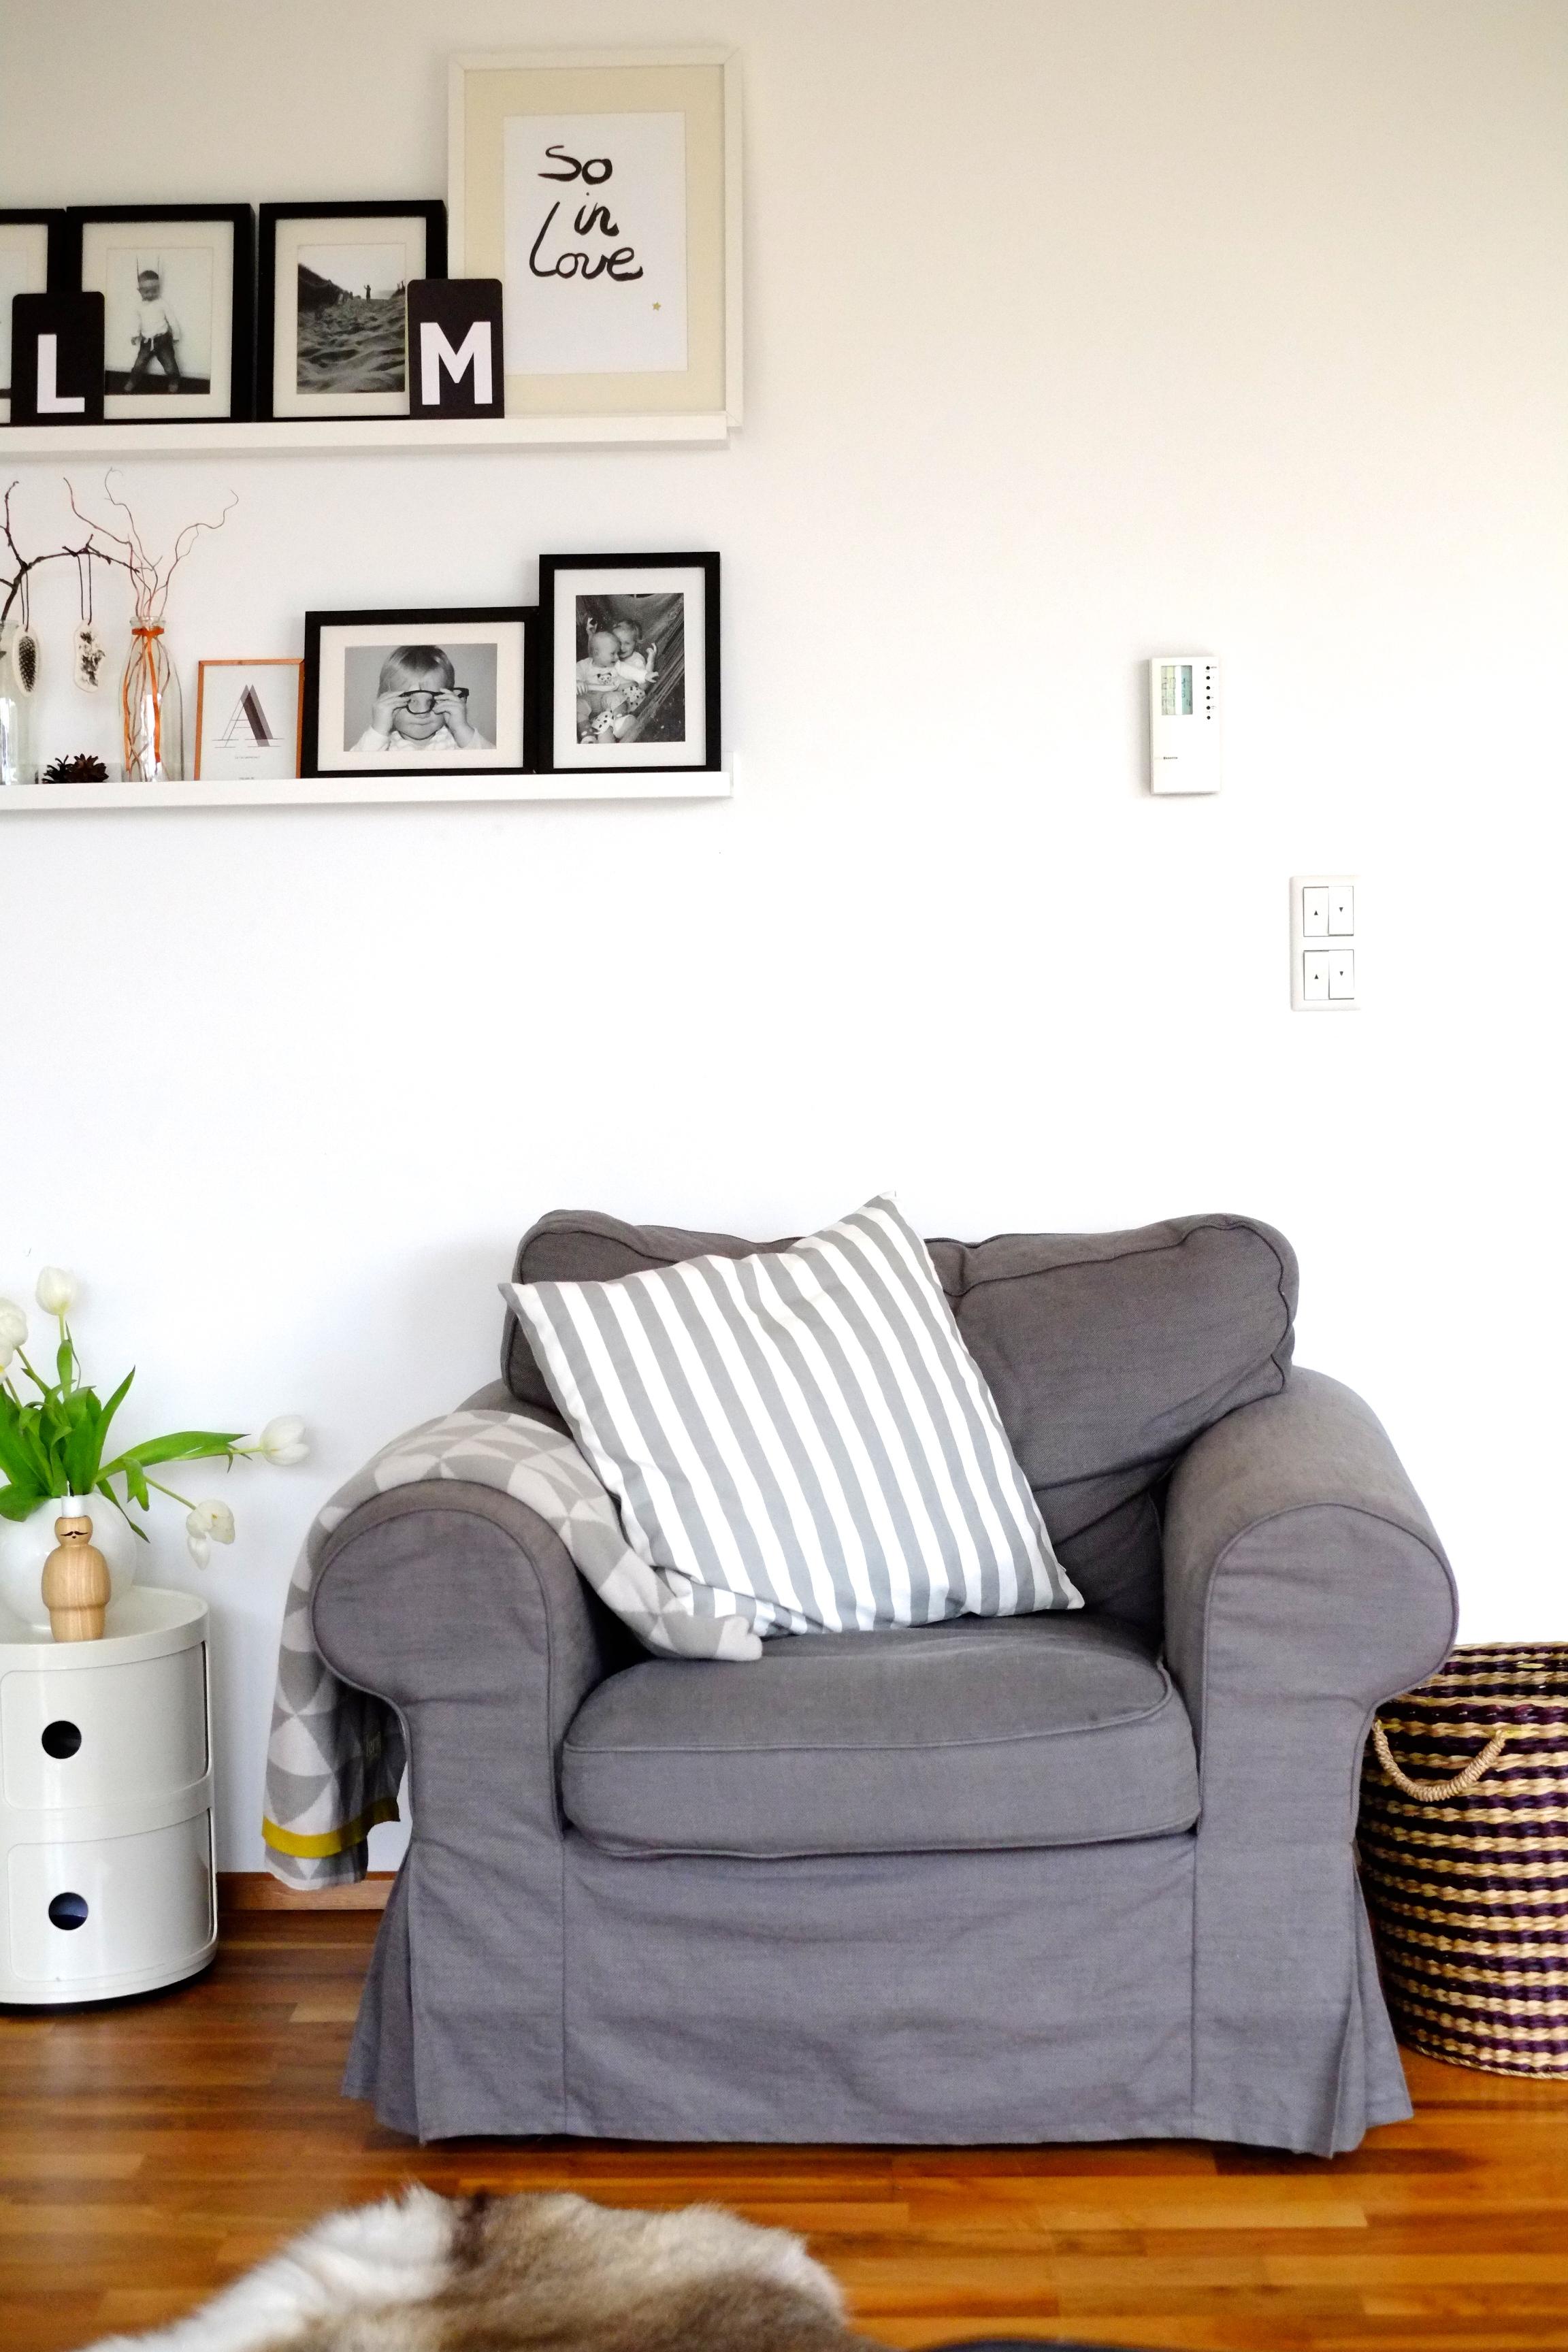 Black Loves White | Herr Und Frau Krauss - Shop Und Blog Deko Schwarz Weis Wohnzimmer